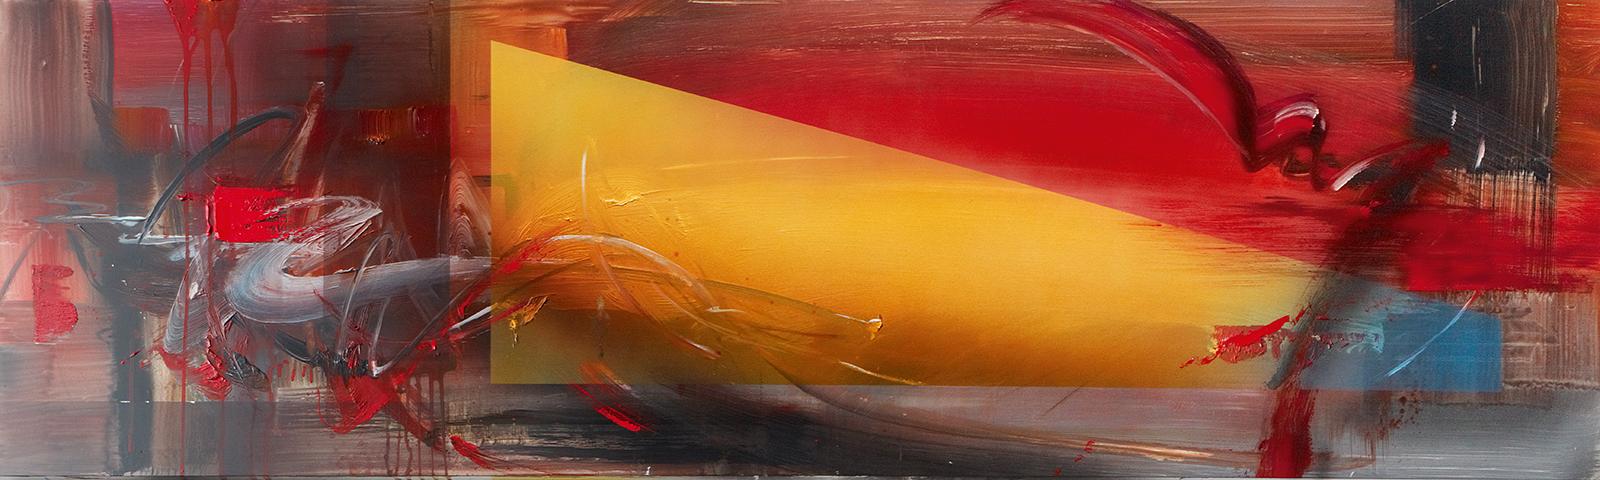 09_Panorama_2012_2000x800